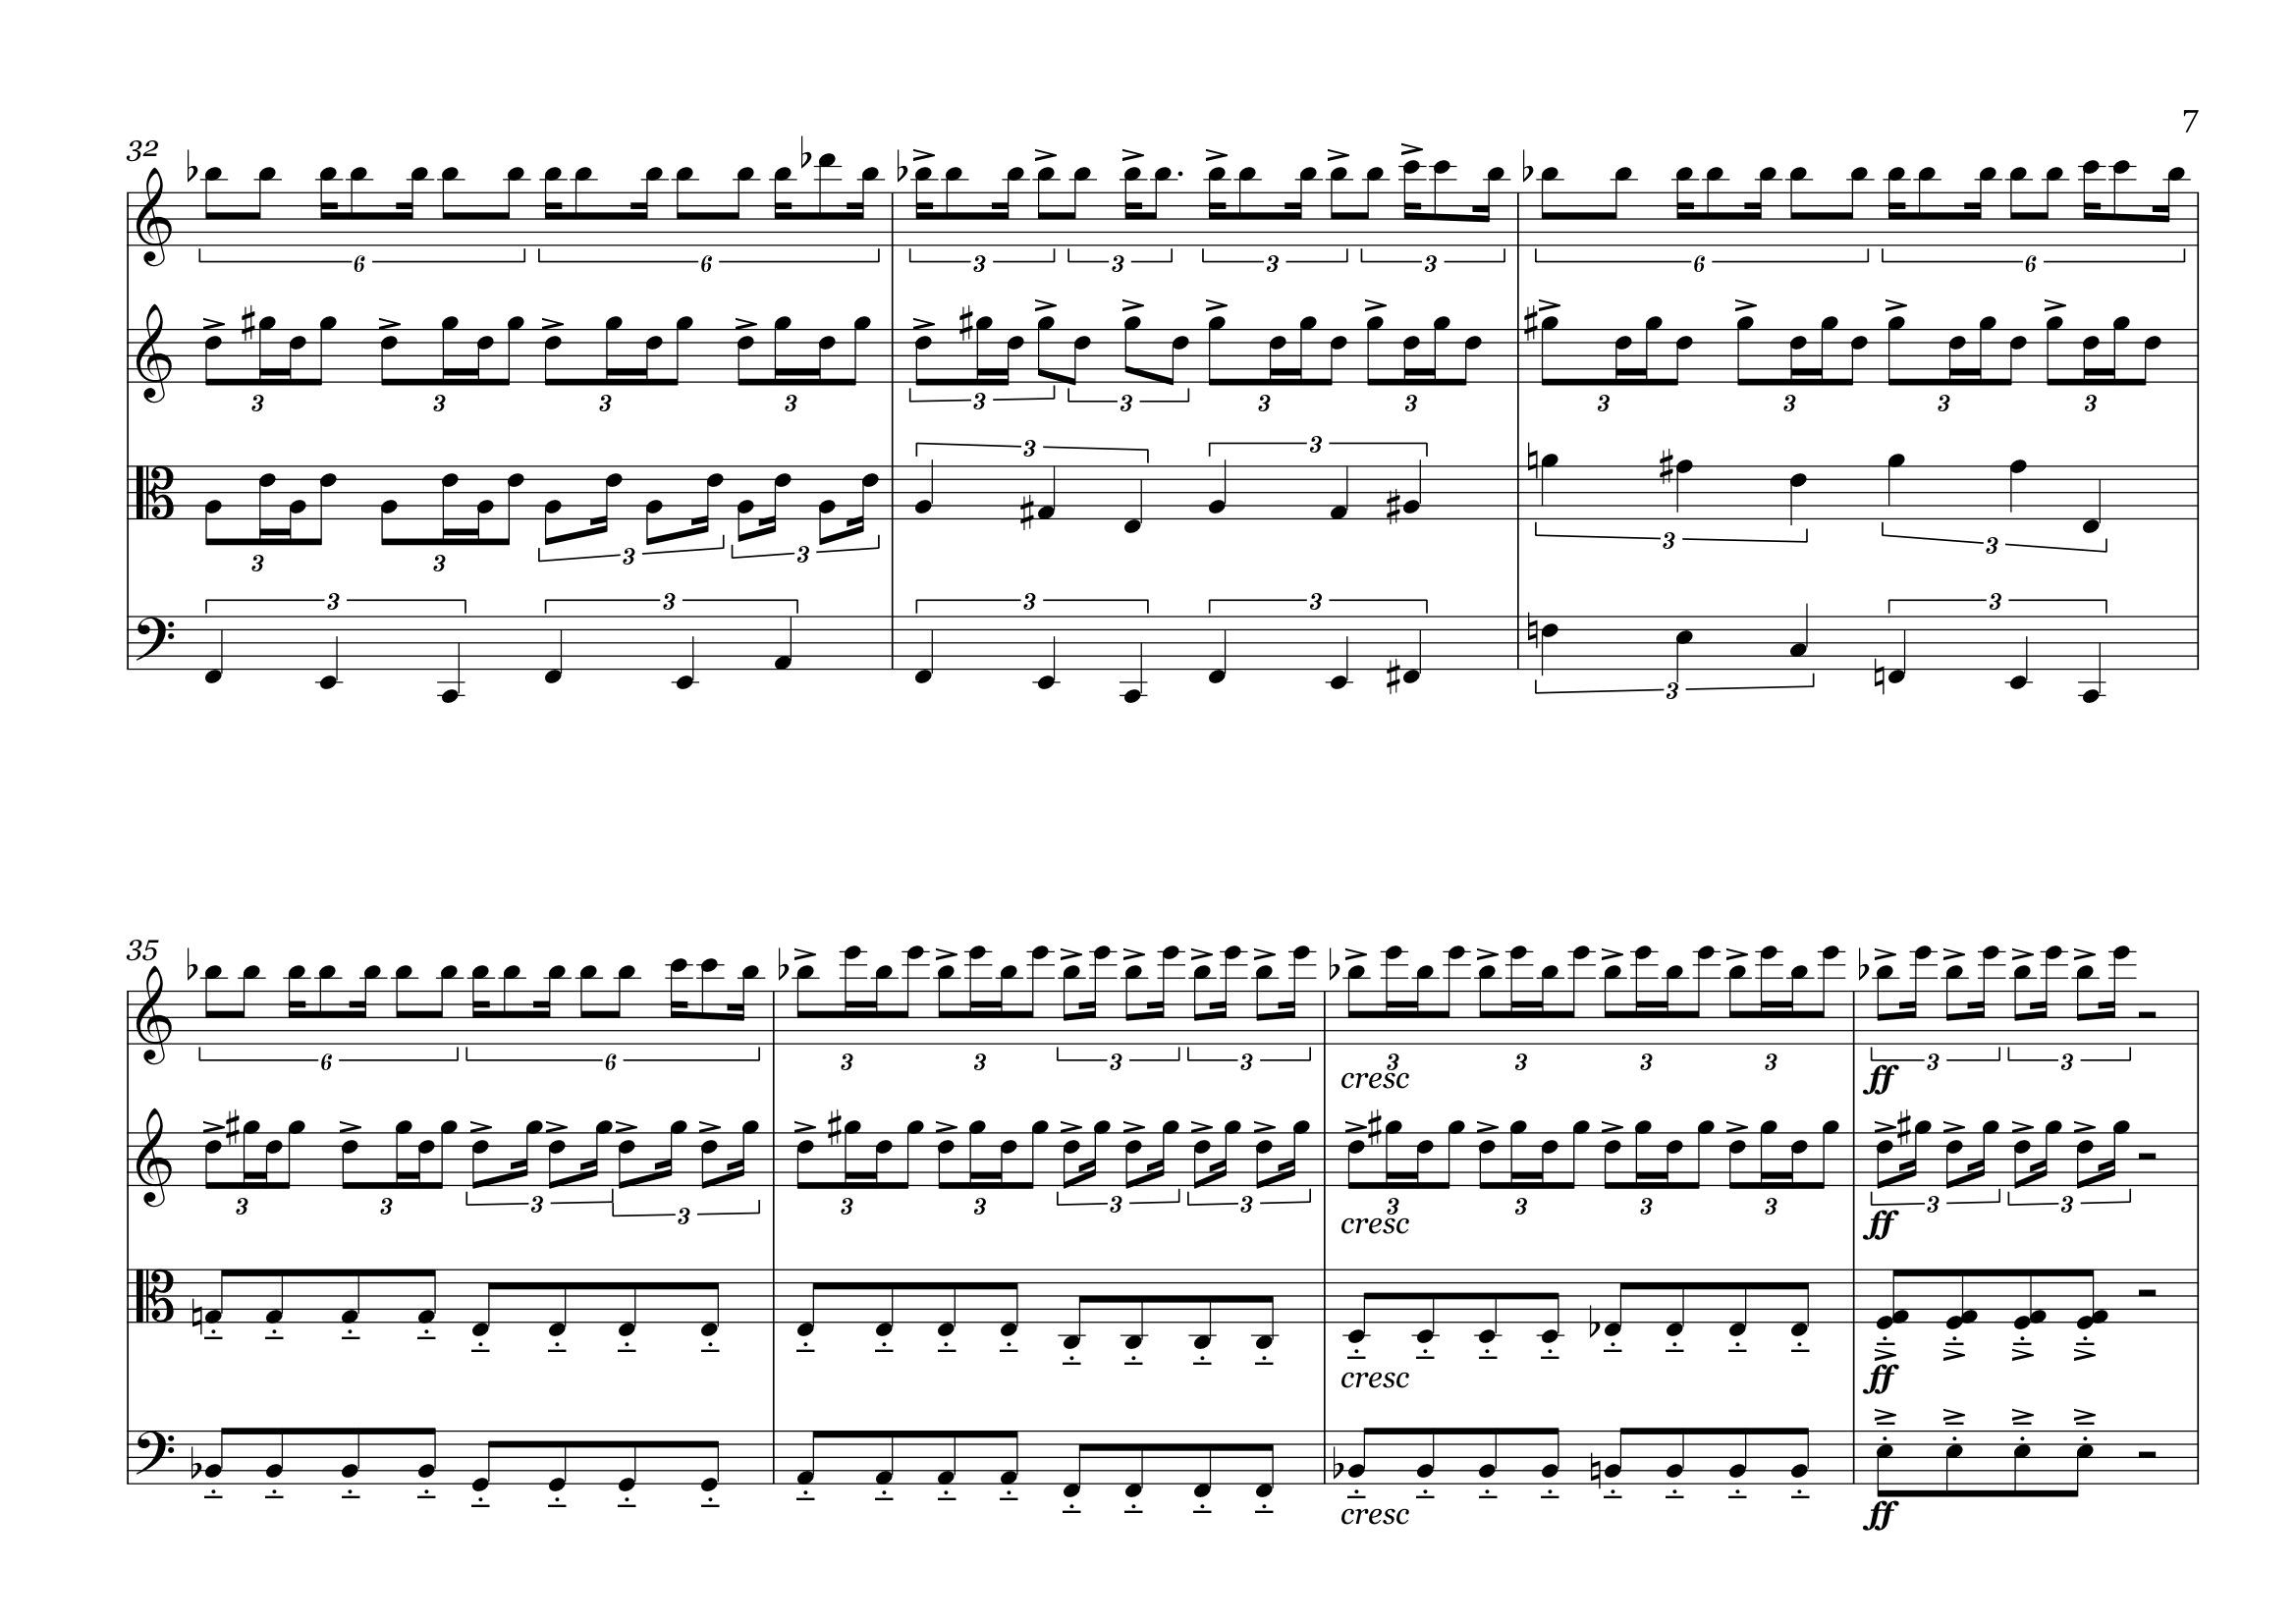 DotDash for string quartet, score, 9.30.17 7.jpeg